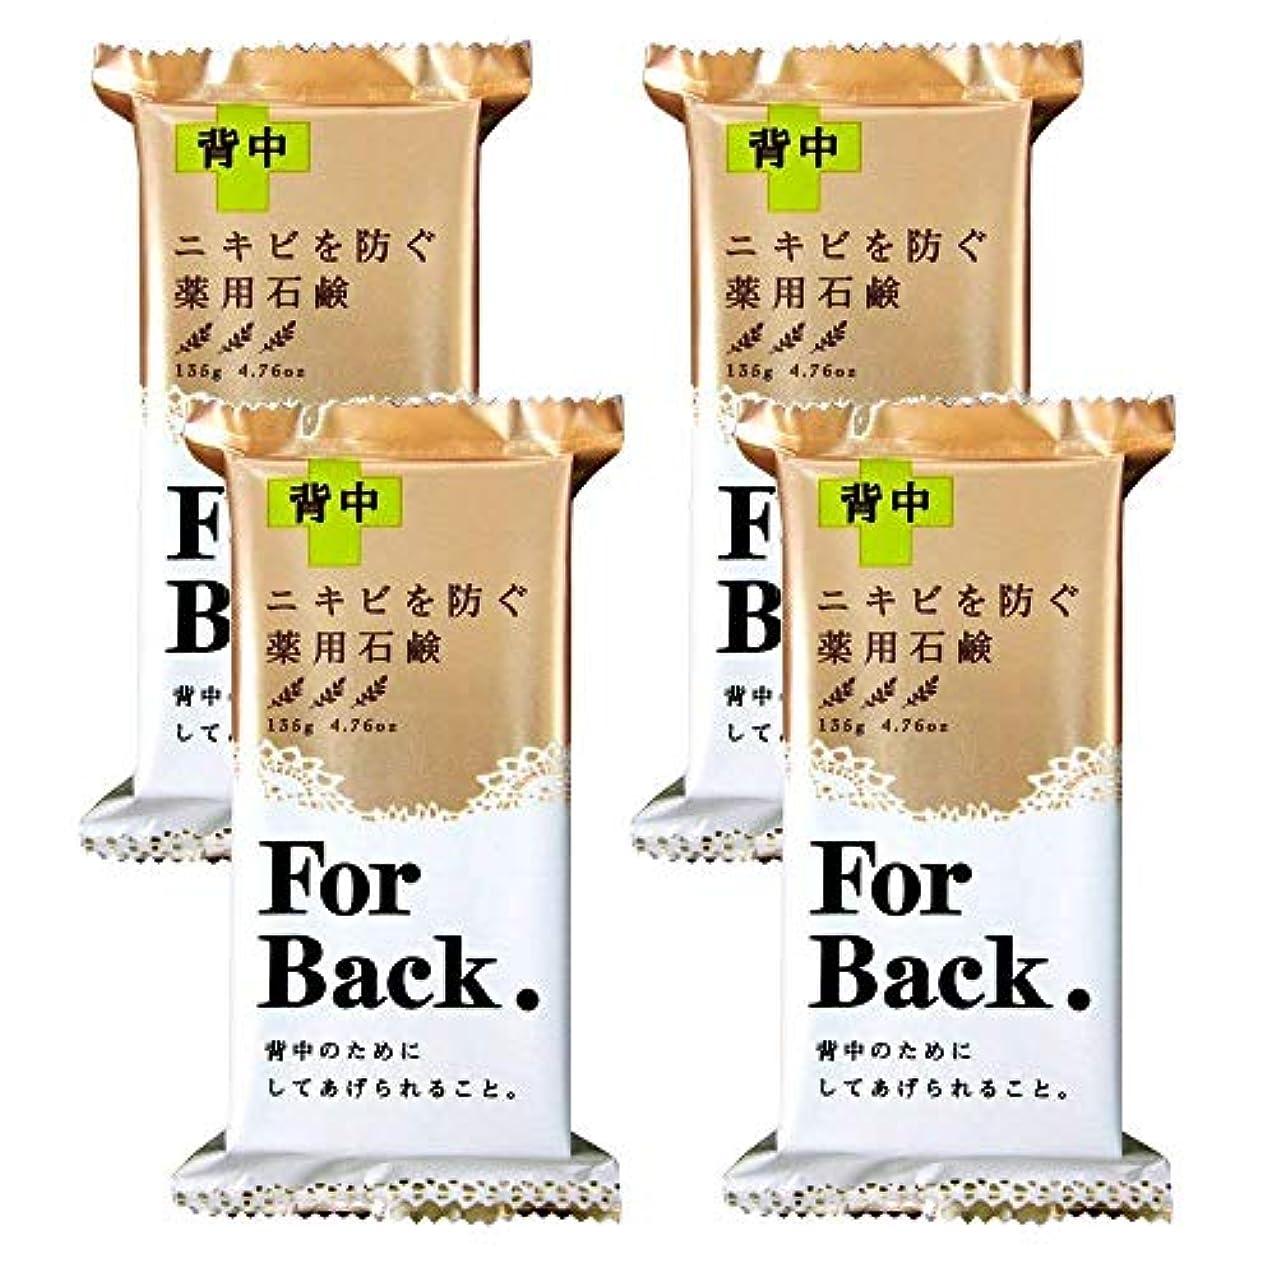 しなければならないクリスチャン改善薬用石鹸 ForBack 135g×4個セット